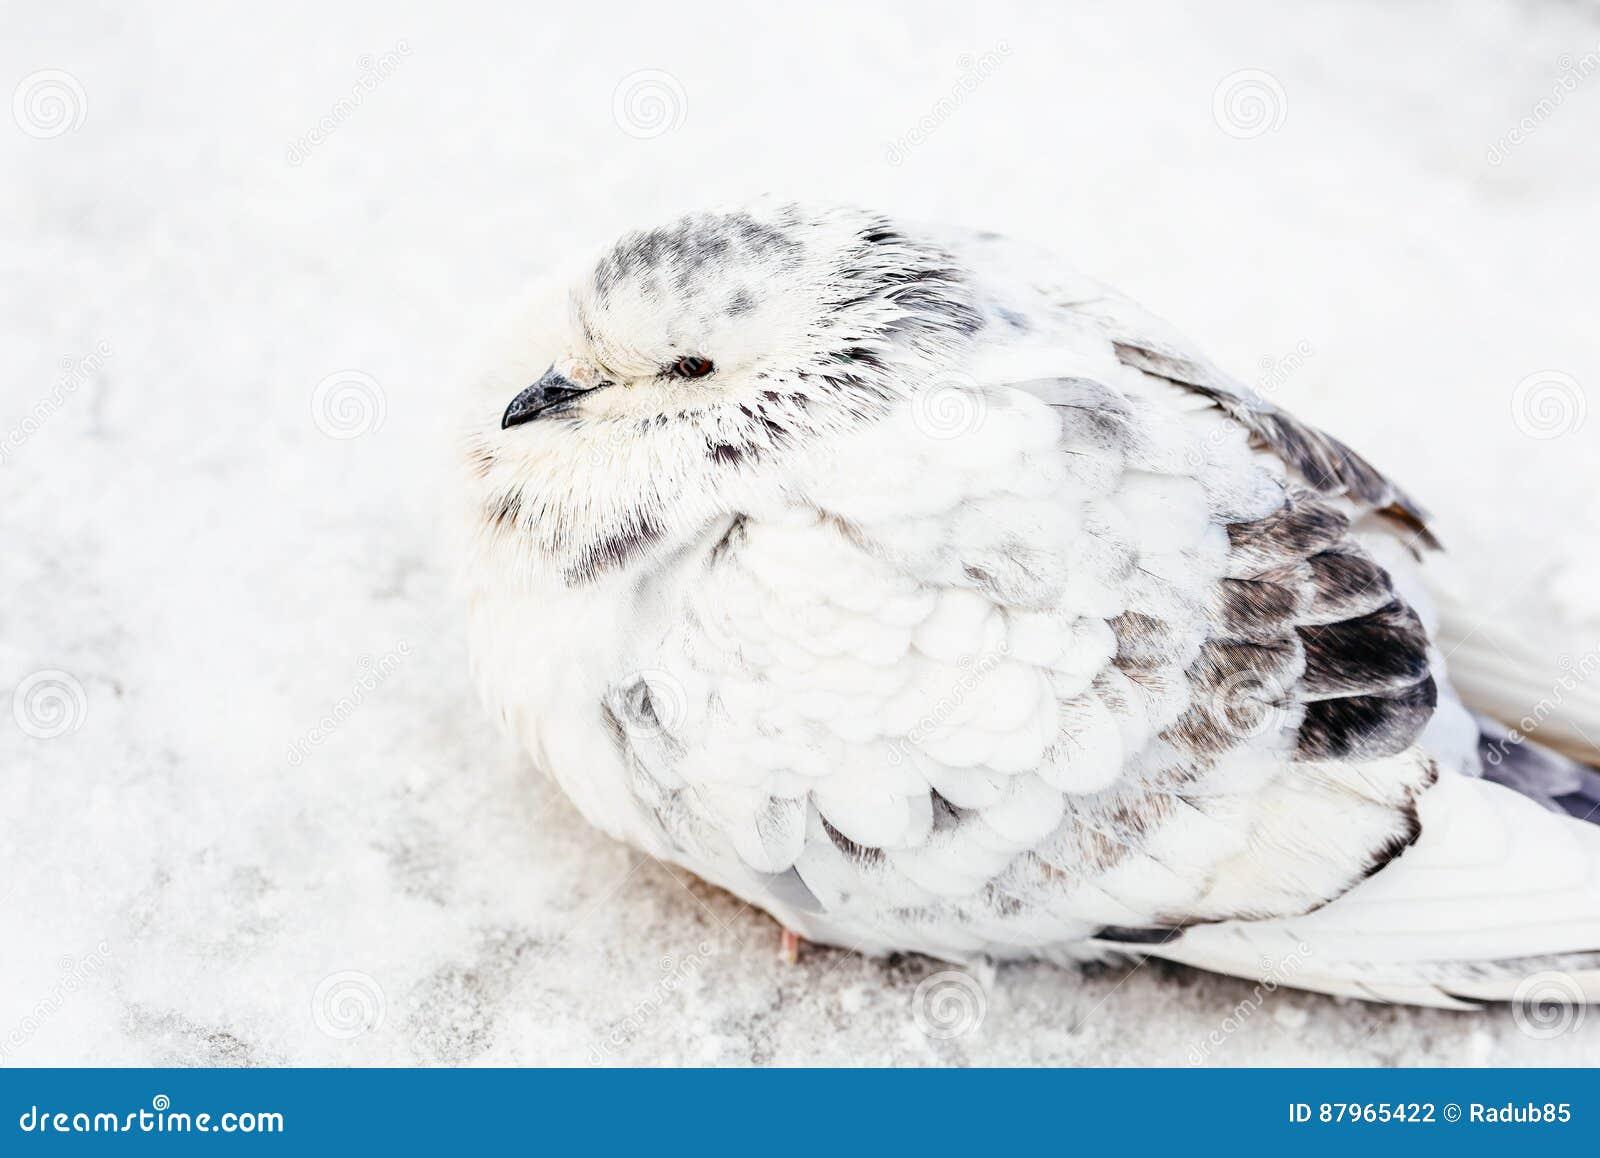 Wit en de Koude Winter van Gray Pigeon Bird Freezing In